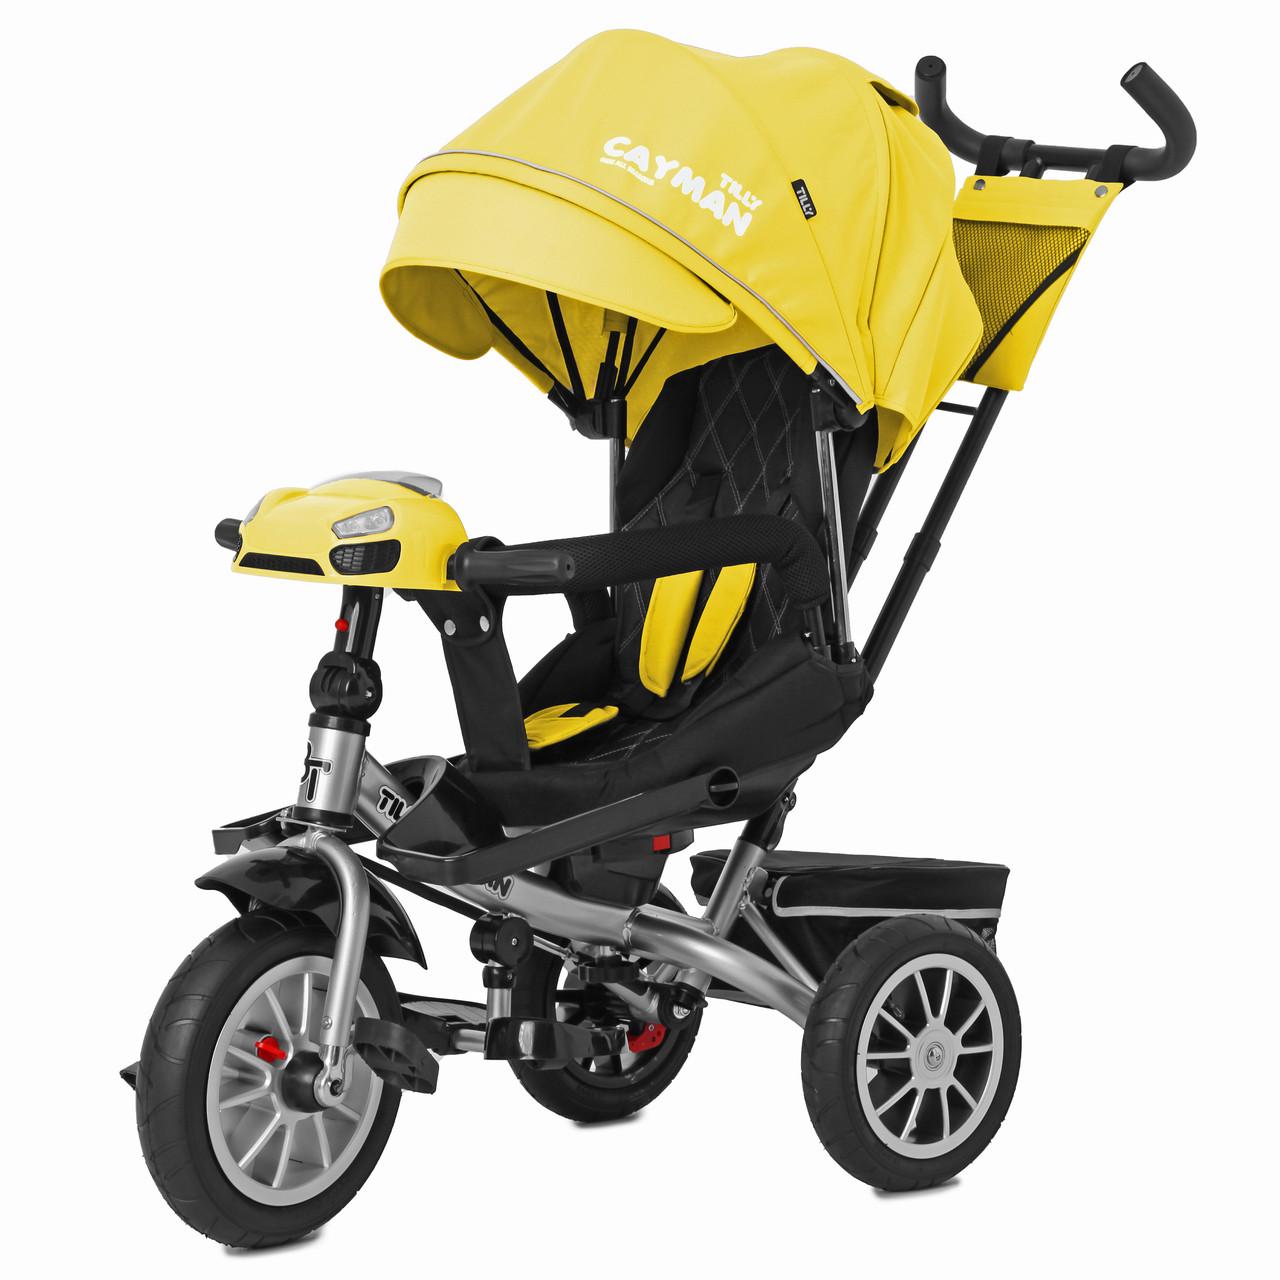 Детский трёхколёсный велосипед Cayman, «Tilly» (T-381/3), цвет Yellow (жёлтый)